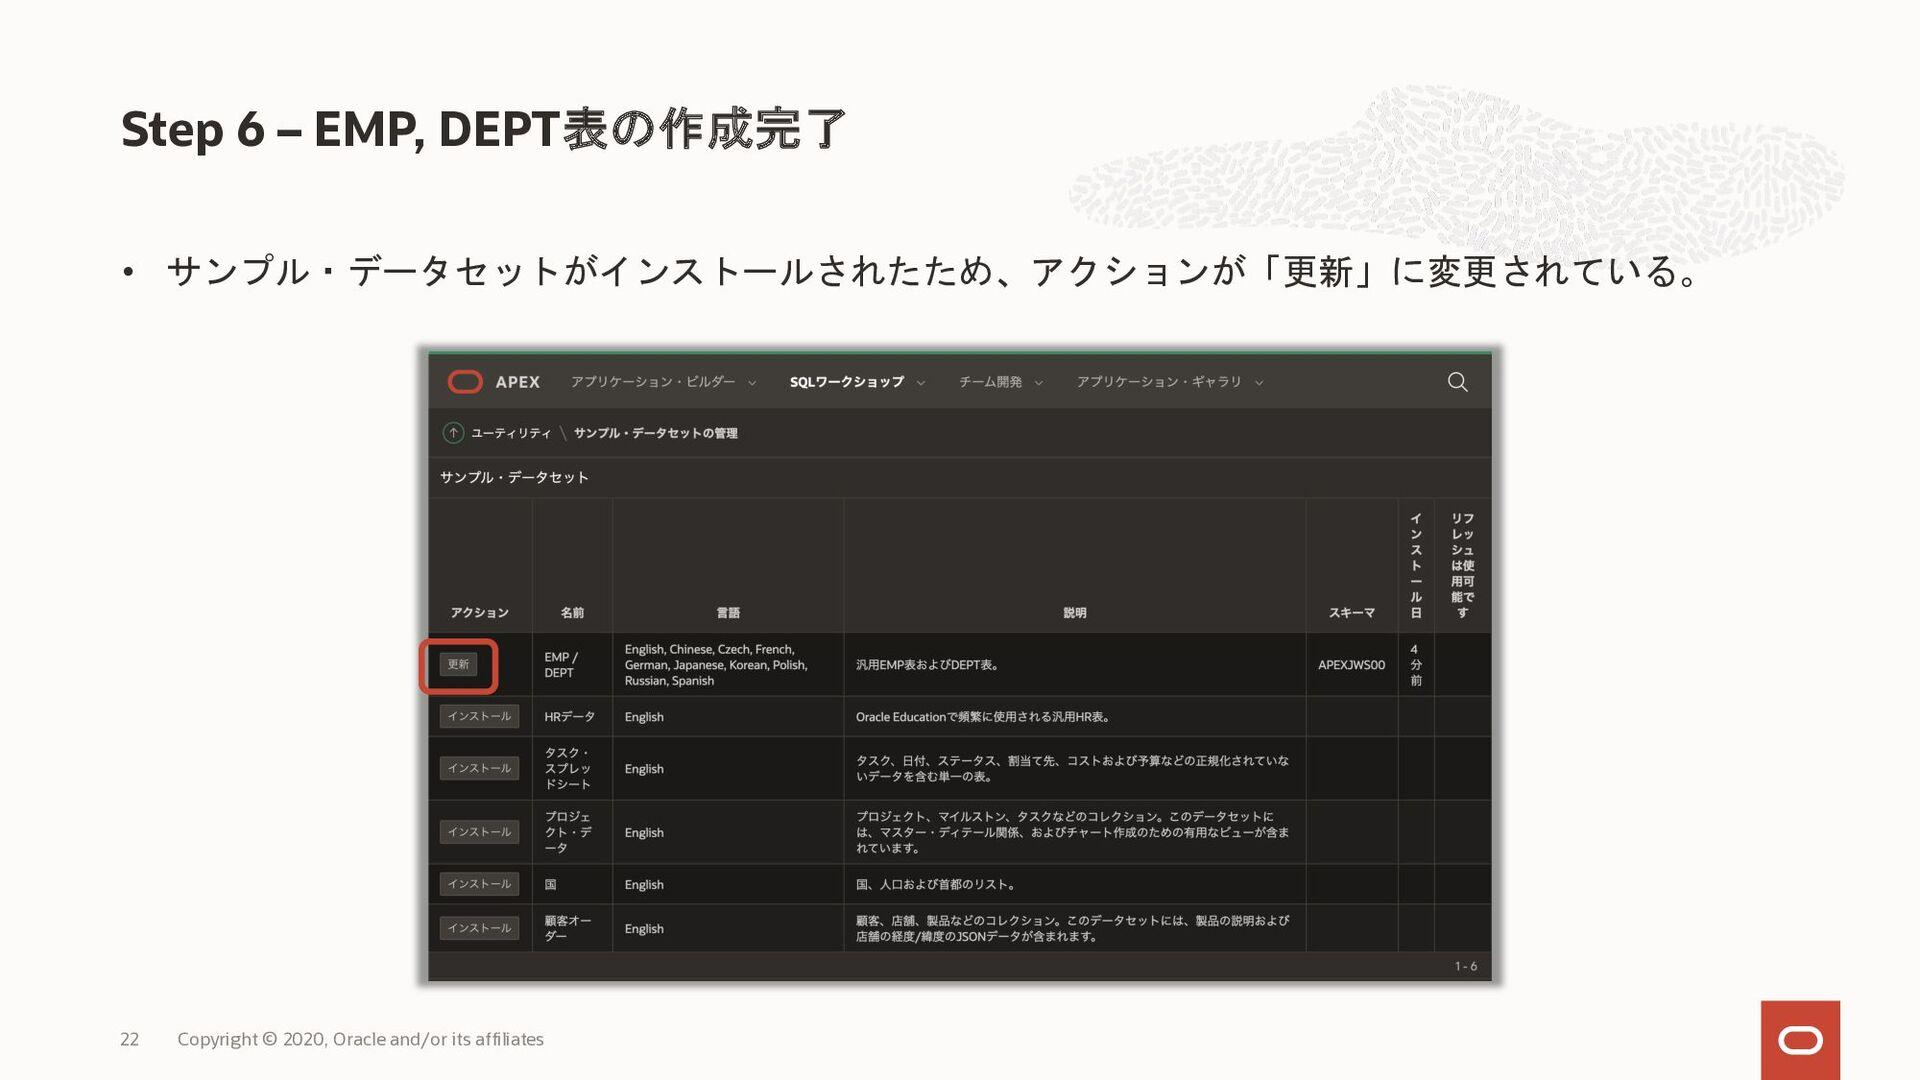 • サンプル・データセットがインストールされたため、アクションが「更新」に変更されている。 S...